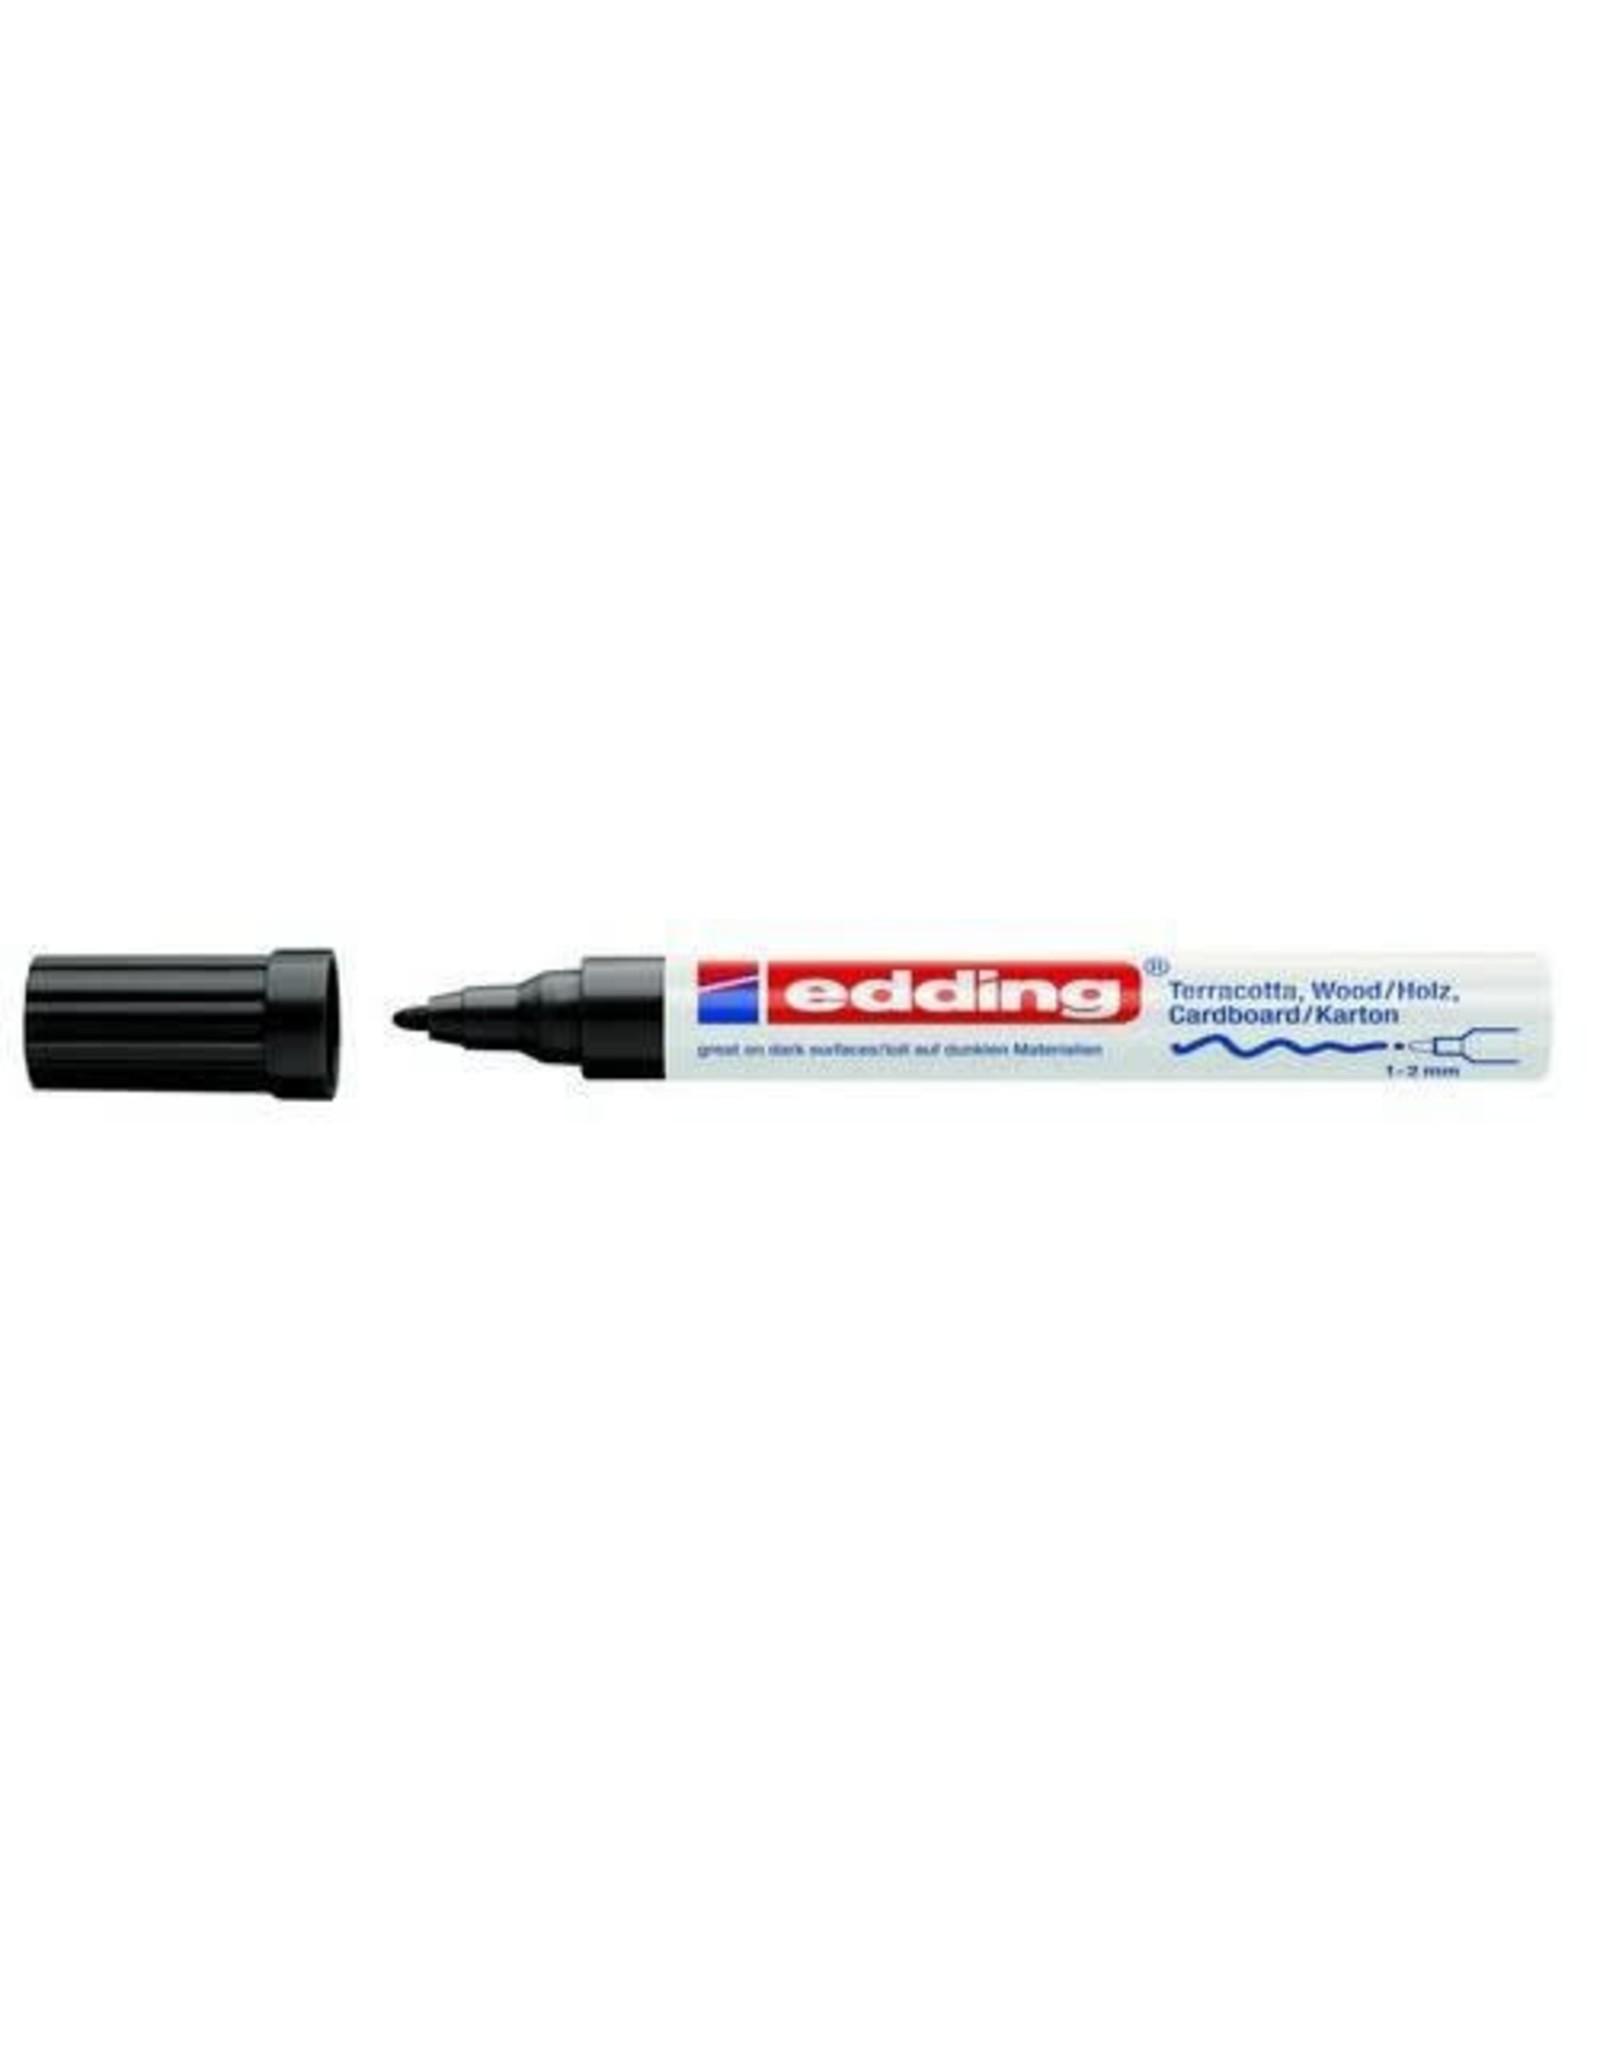 Edding edding-4040 matlakmarker zwart 1ST 1-2 mm